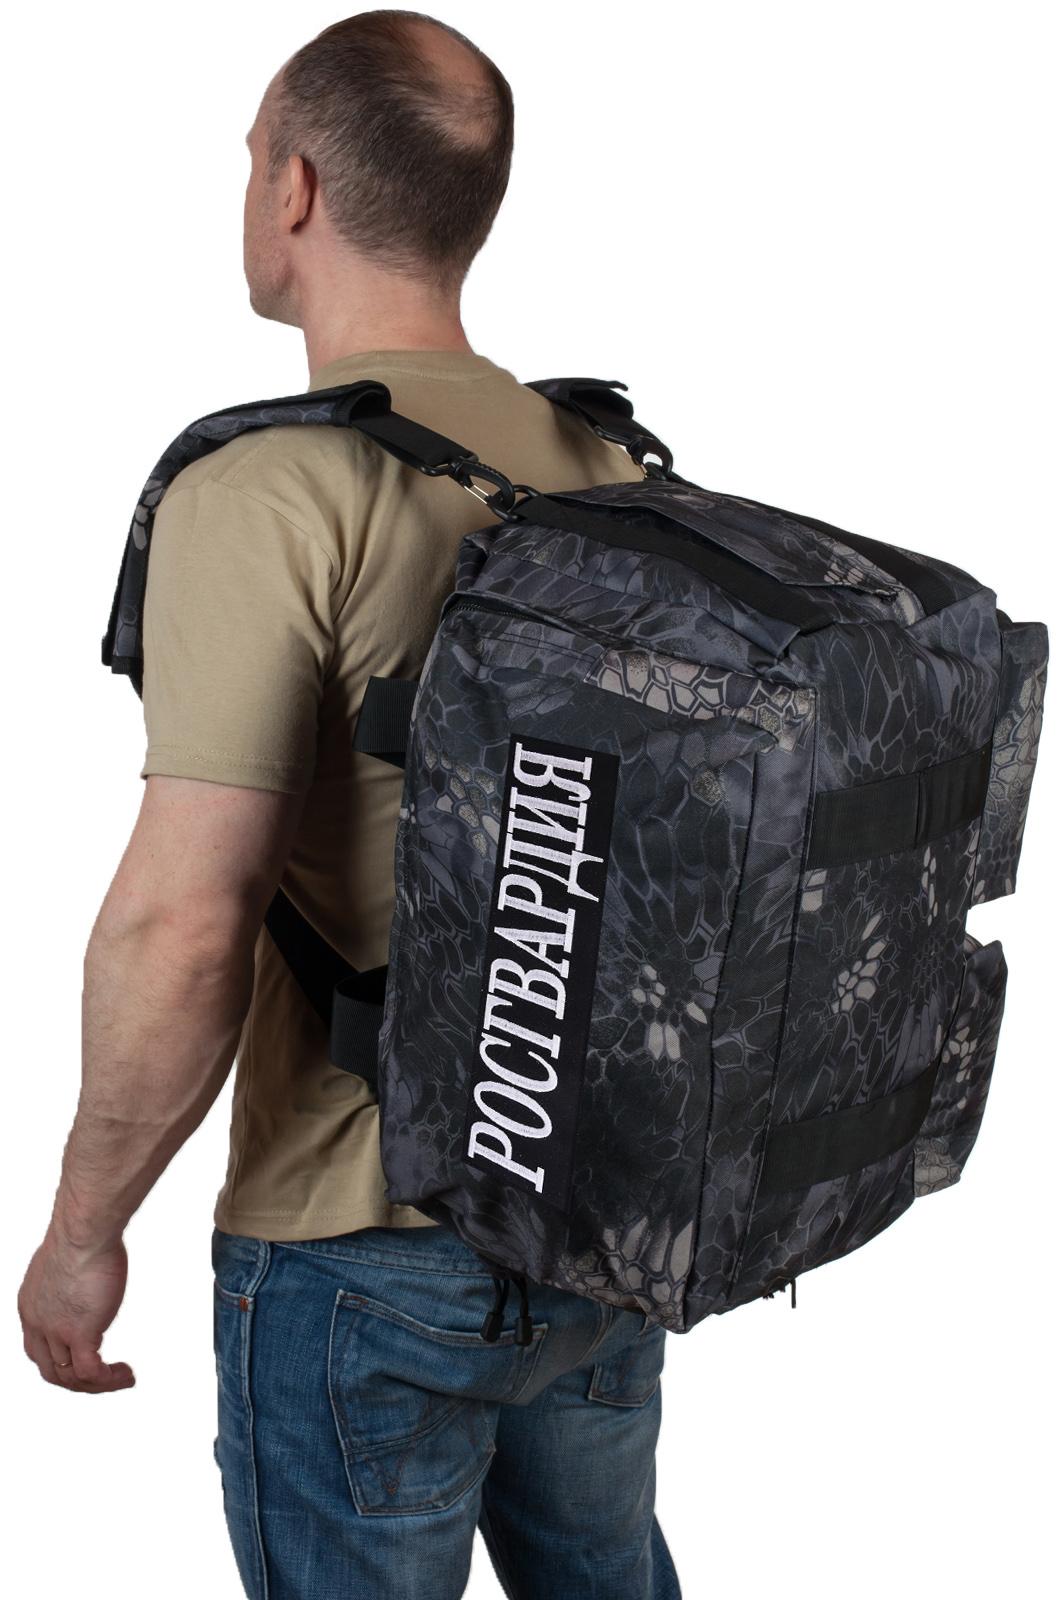 Купить военную заплечную сумку Росгвардия по сбалансированной цене